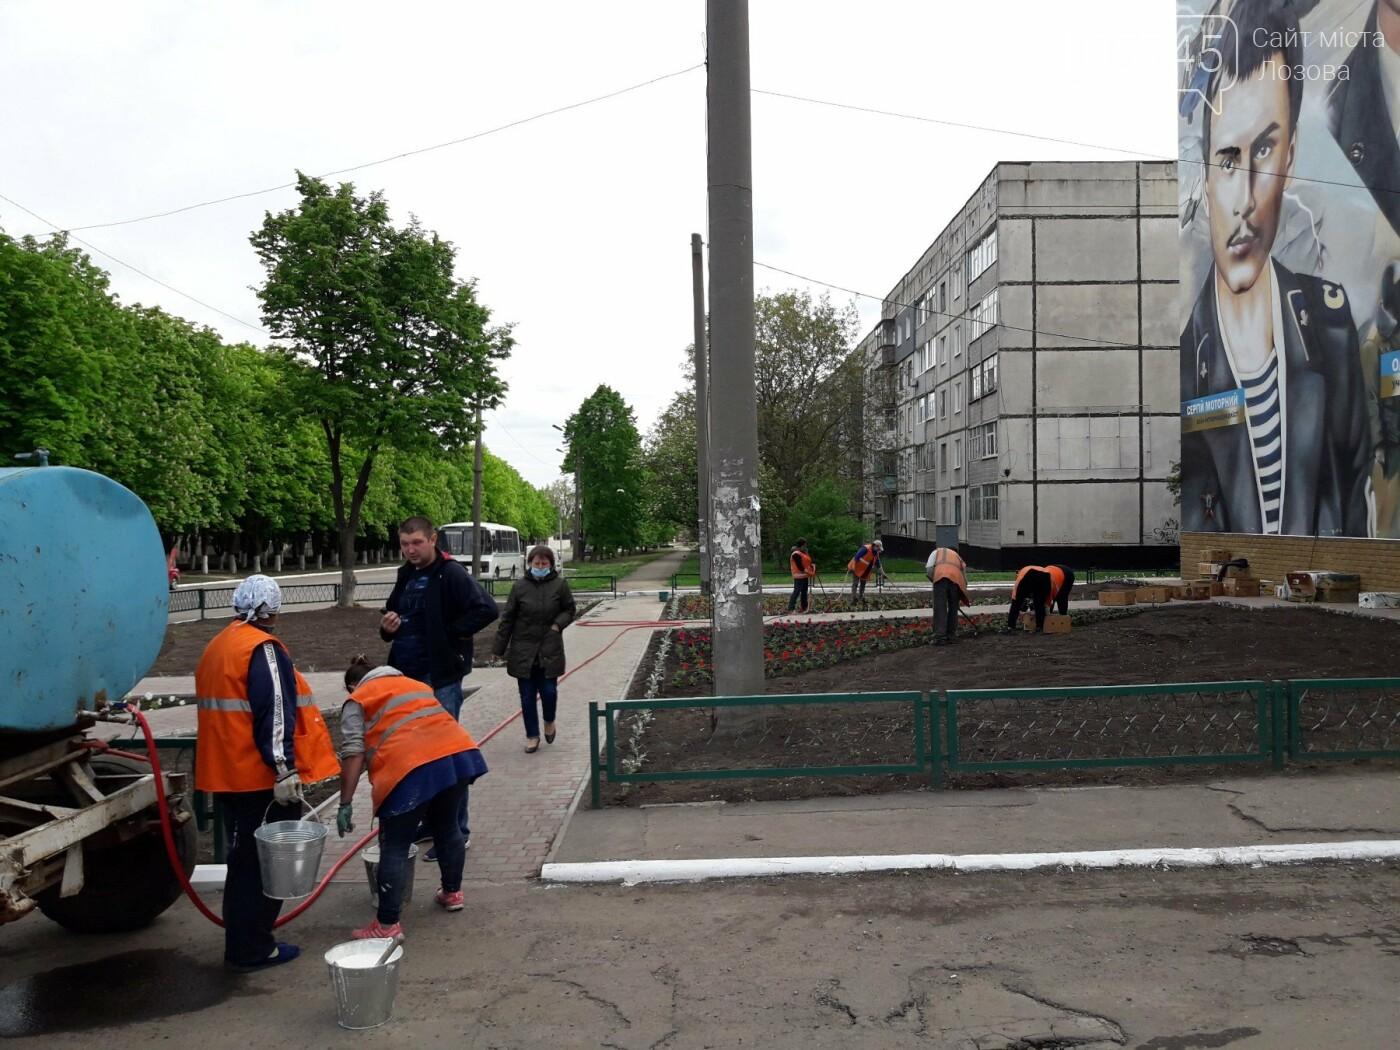 Цветы для громады: на Лозовщине посадят 20 тысяч саженцев, фото-1